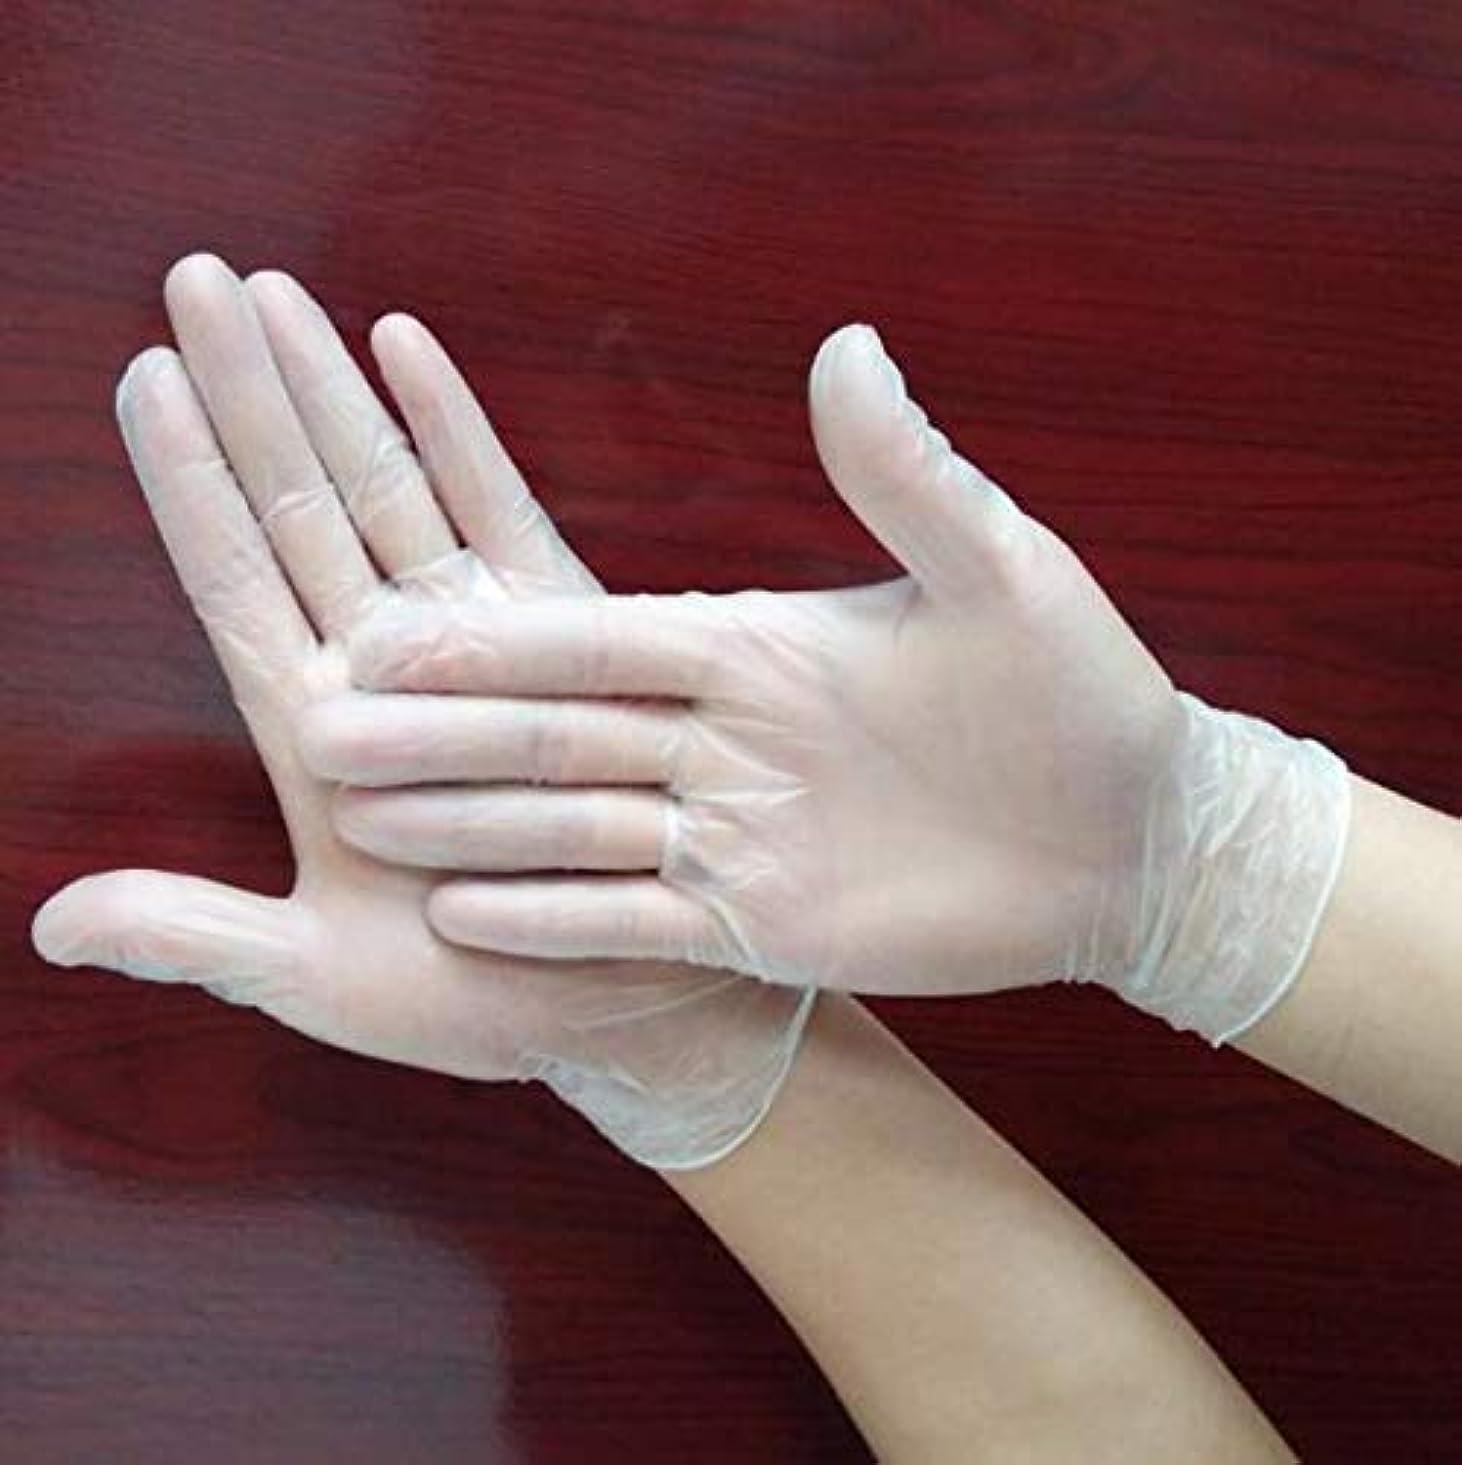 物理的に取り出す敬意を表してハッピー 使い捨てPVC手袋 ベルテプラテ 使い捨て手袋 PVCグローブ 粉なし パウダーフリー 左右兼用 (M)